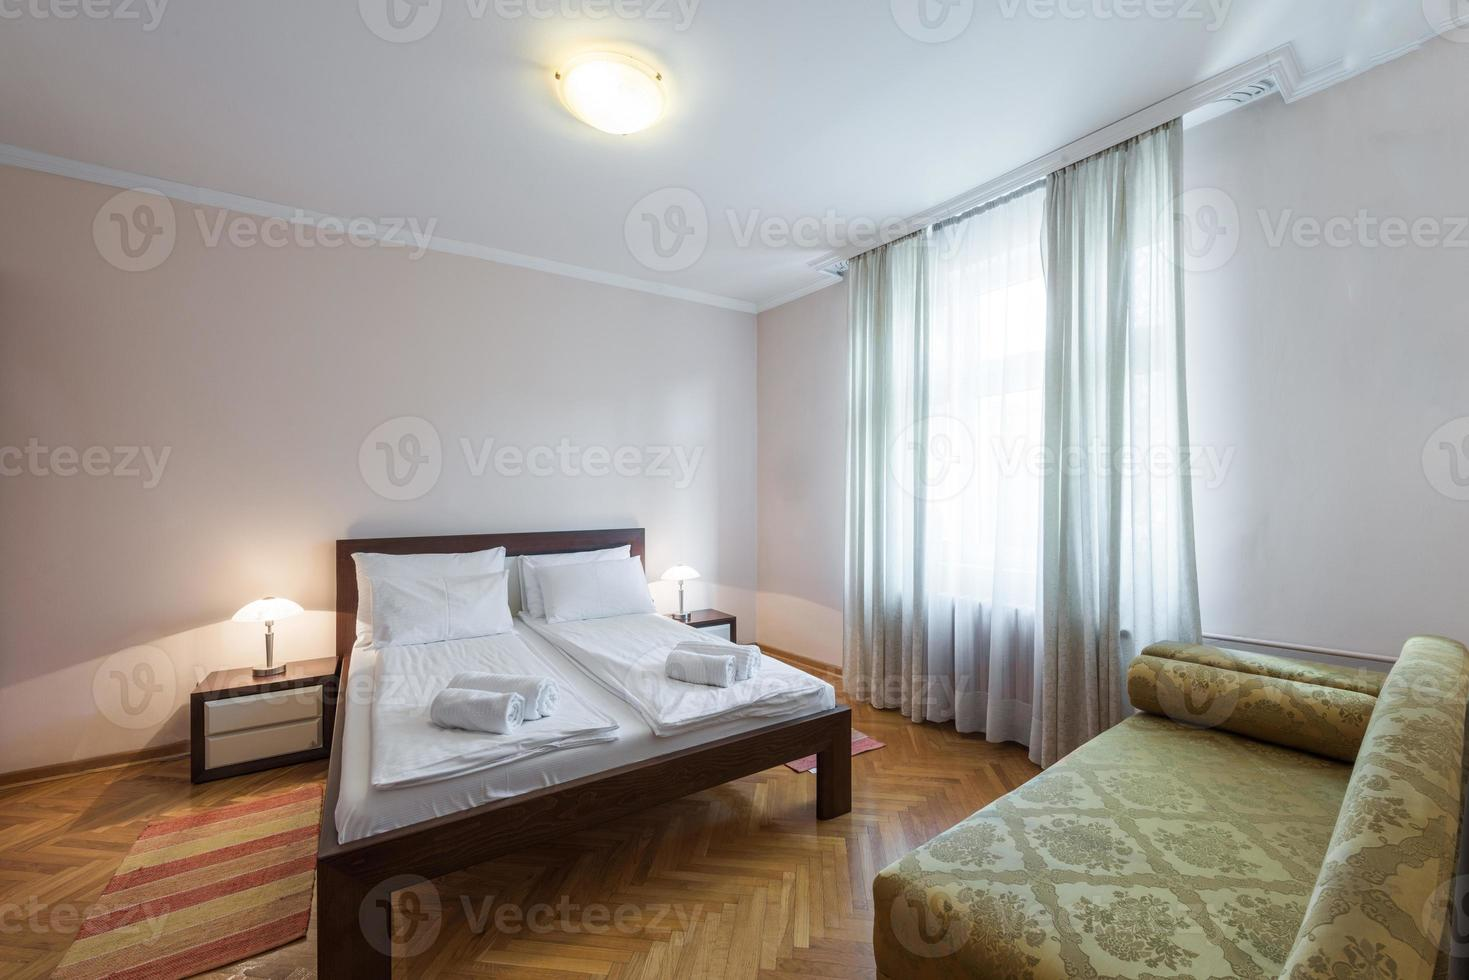 habitación de hotel foto